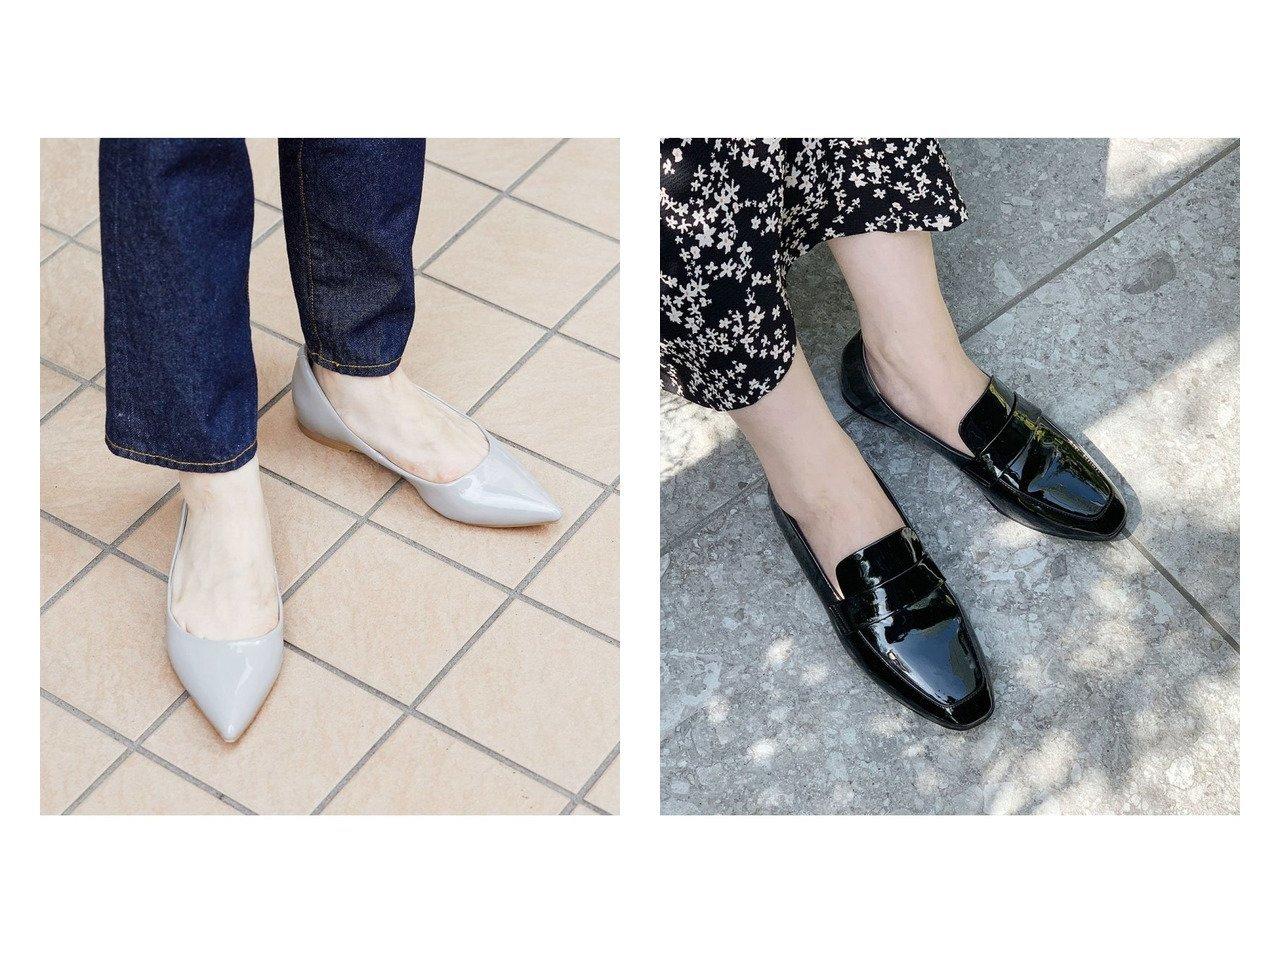 【ADAM ET ROPE'/アダム エ ロペ】の【レイン対応】カップインボロネーゼレインシューズ&ポーチ付きレインローファー 【シューズ・靴】おすすめ!人気トレンド・レディースファッションの通販  おすすめで人気の流行・トレンド、ファッションの通販商品 メンズファッション・キッズファッション・インテリア・家具・レディースファッション・服の通販 founy(ファニー) https://founy.com/ ファッション Fashion レディースファッション WOMEN ポーチ Pouches クッション コンパクト 今季 シューズ スタイリッシュ スリッパ バレエ ポーチ インソール 洗える バランス フラット レイン |ID:crp329100000029635